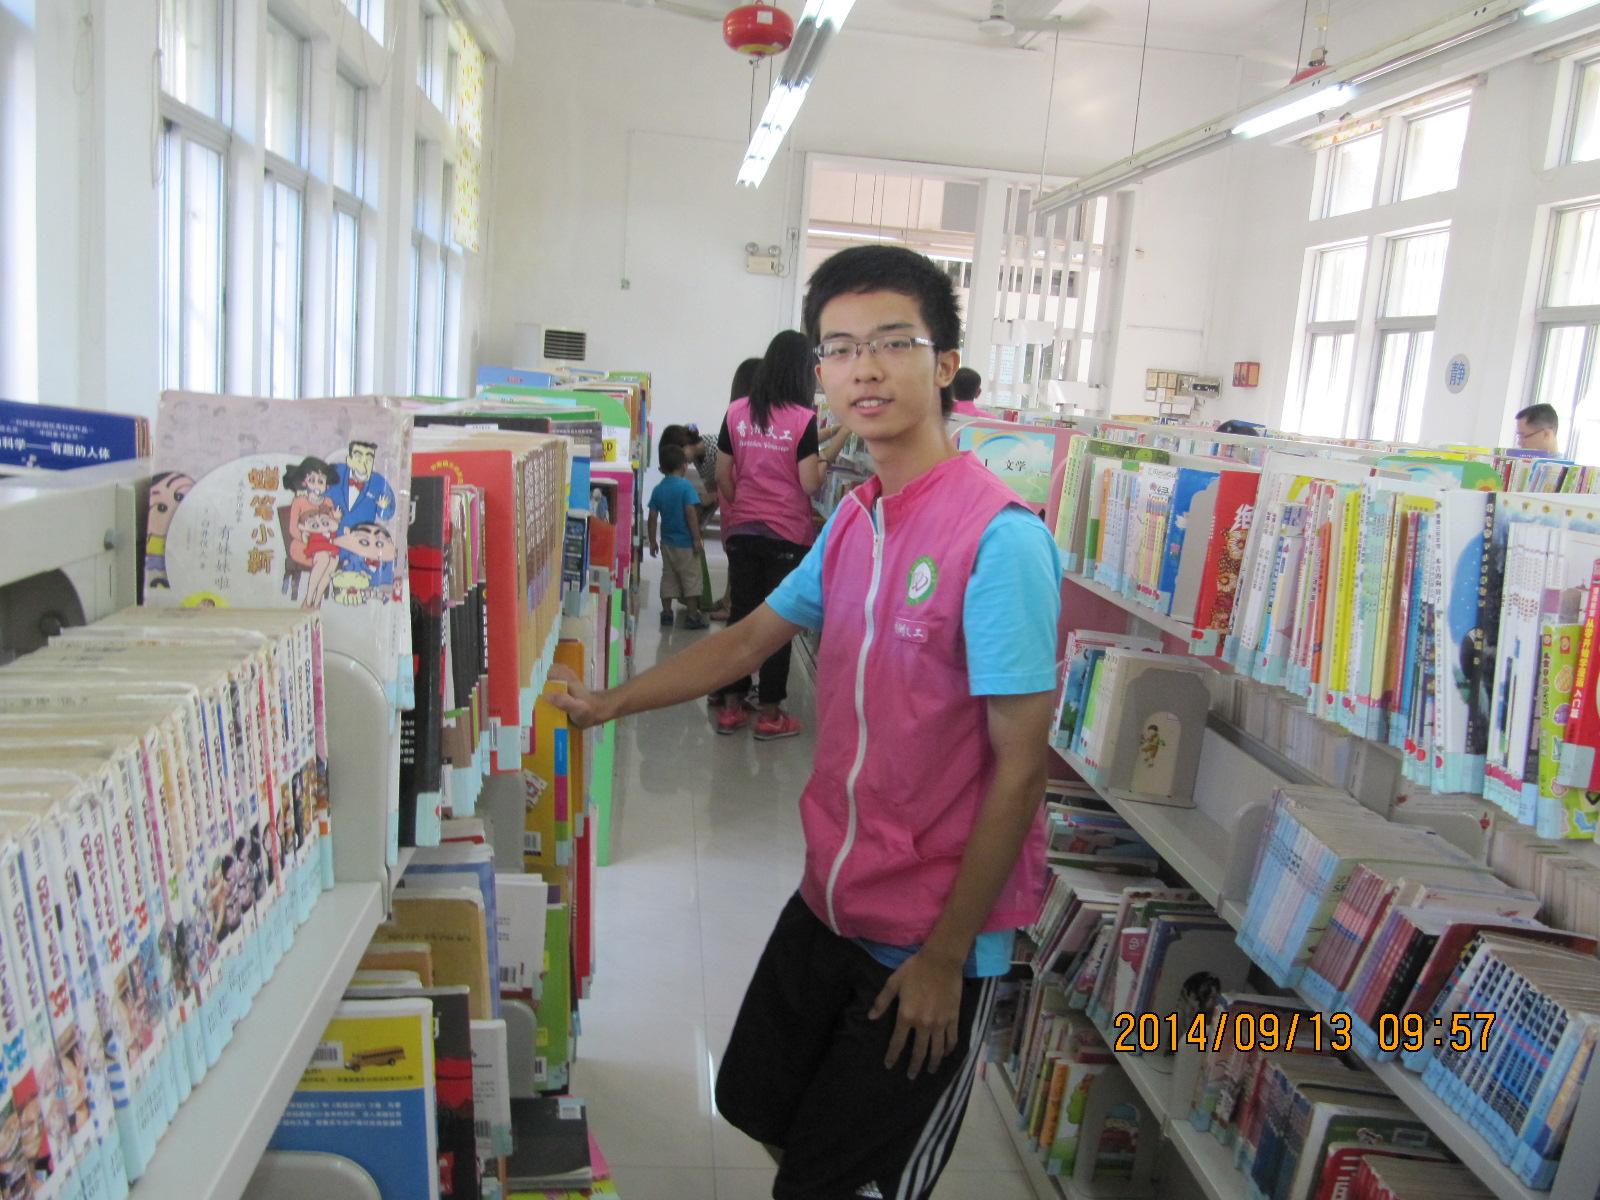 香洲义工网-9月13日【周六上午】少儿图书馆义工活动